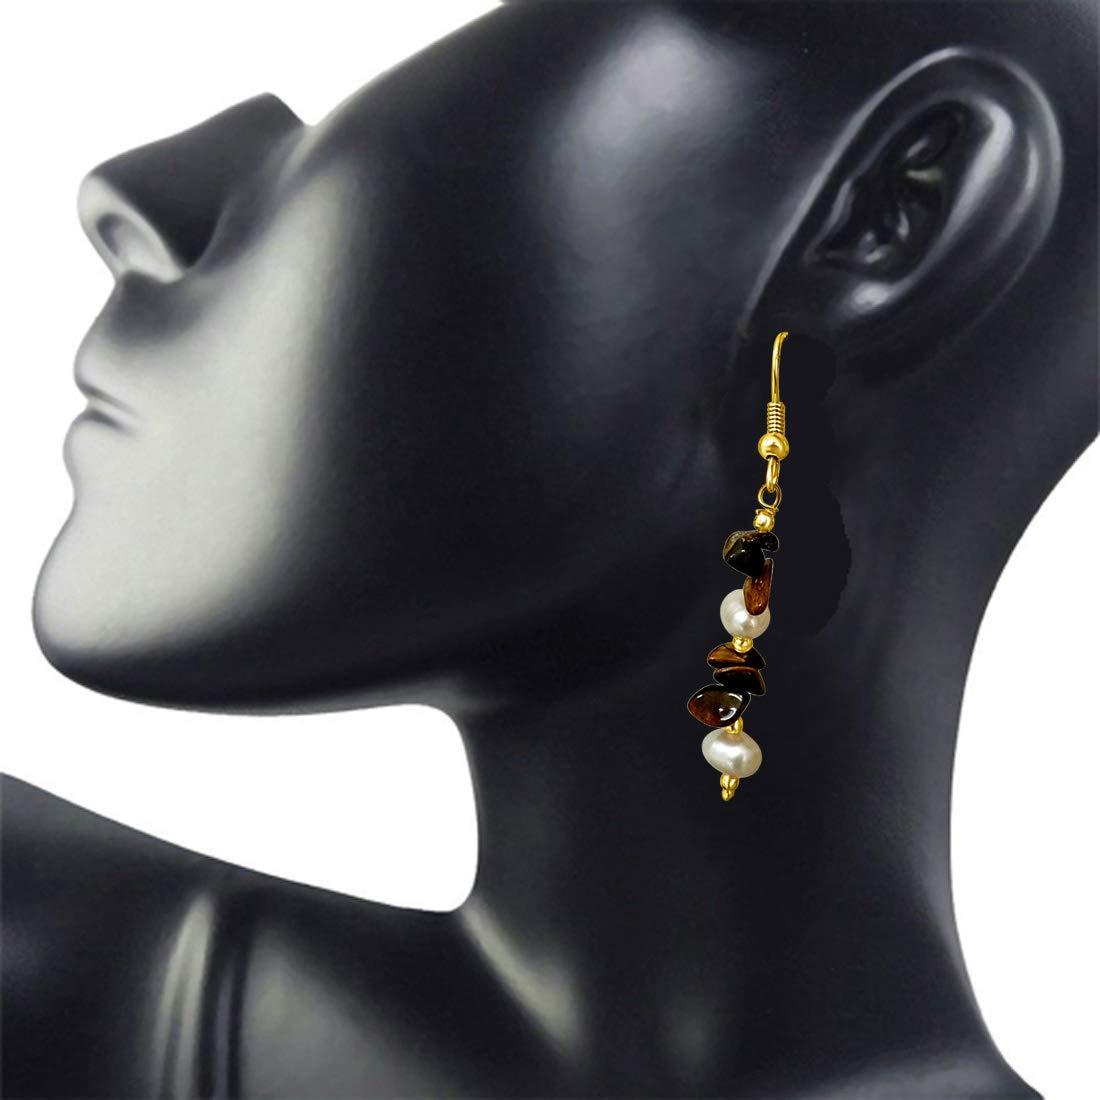 Real Uncut Tiger Eye & Freshwater Pearl Earrings for Women (SE192)